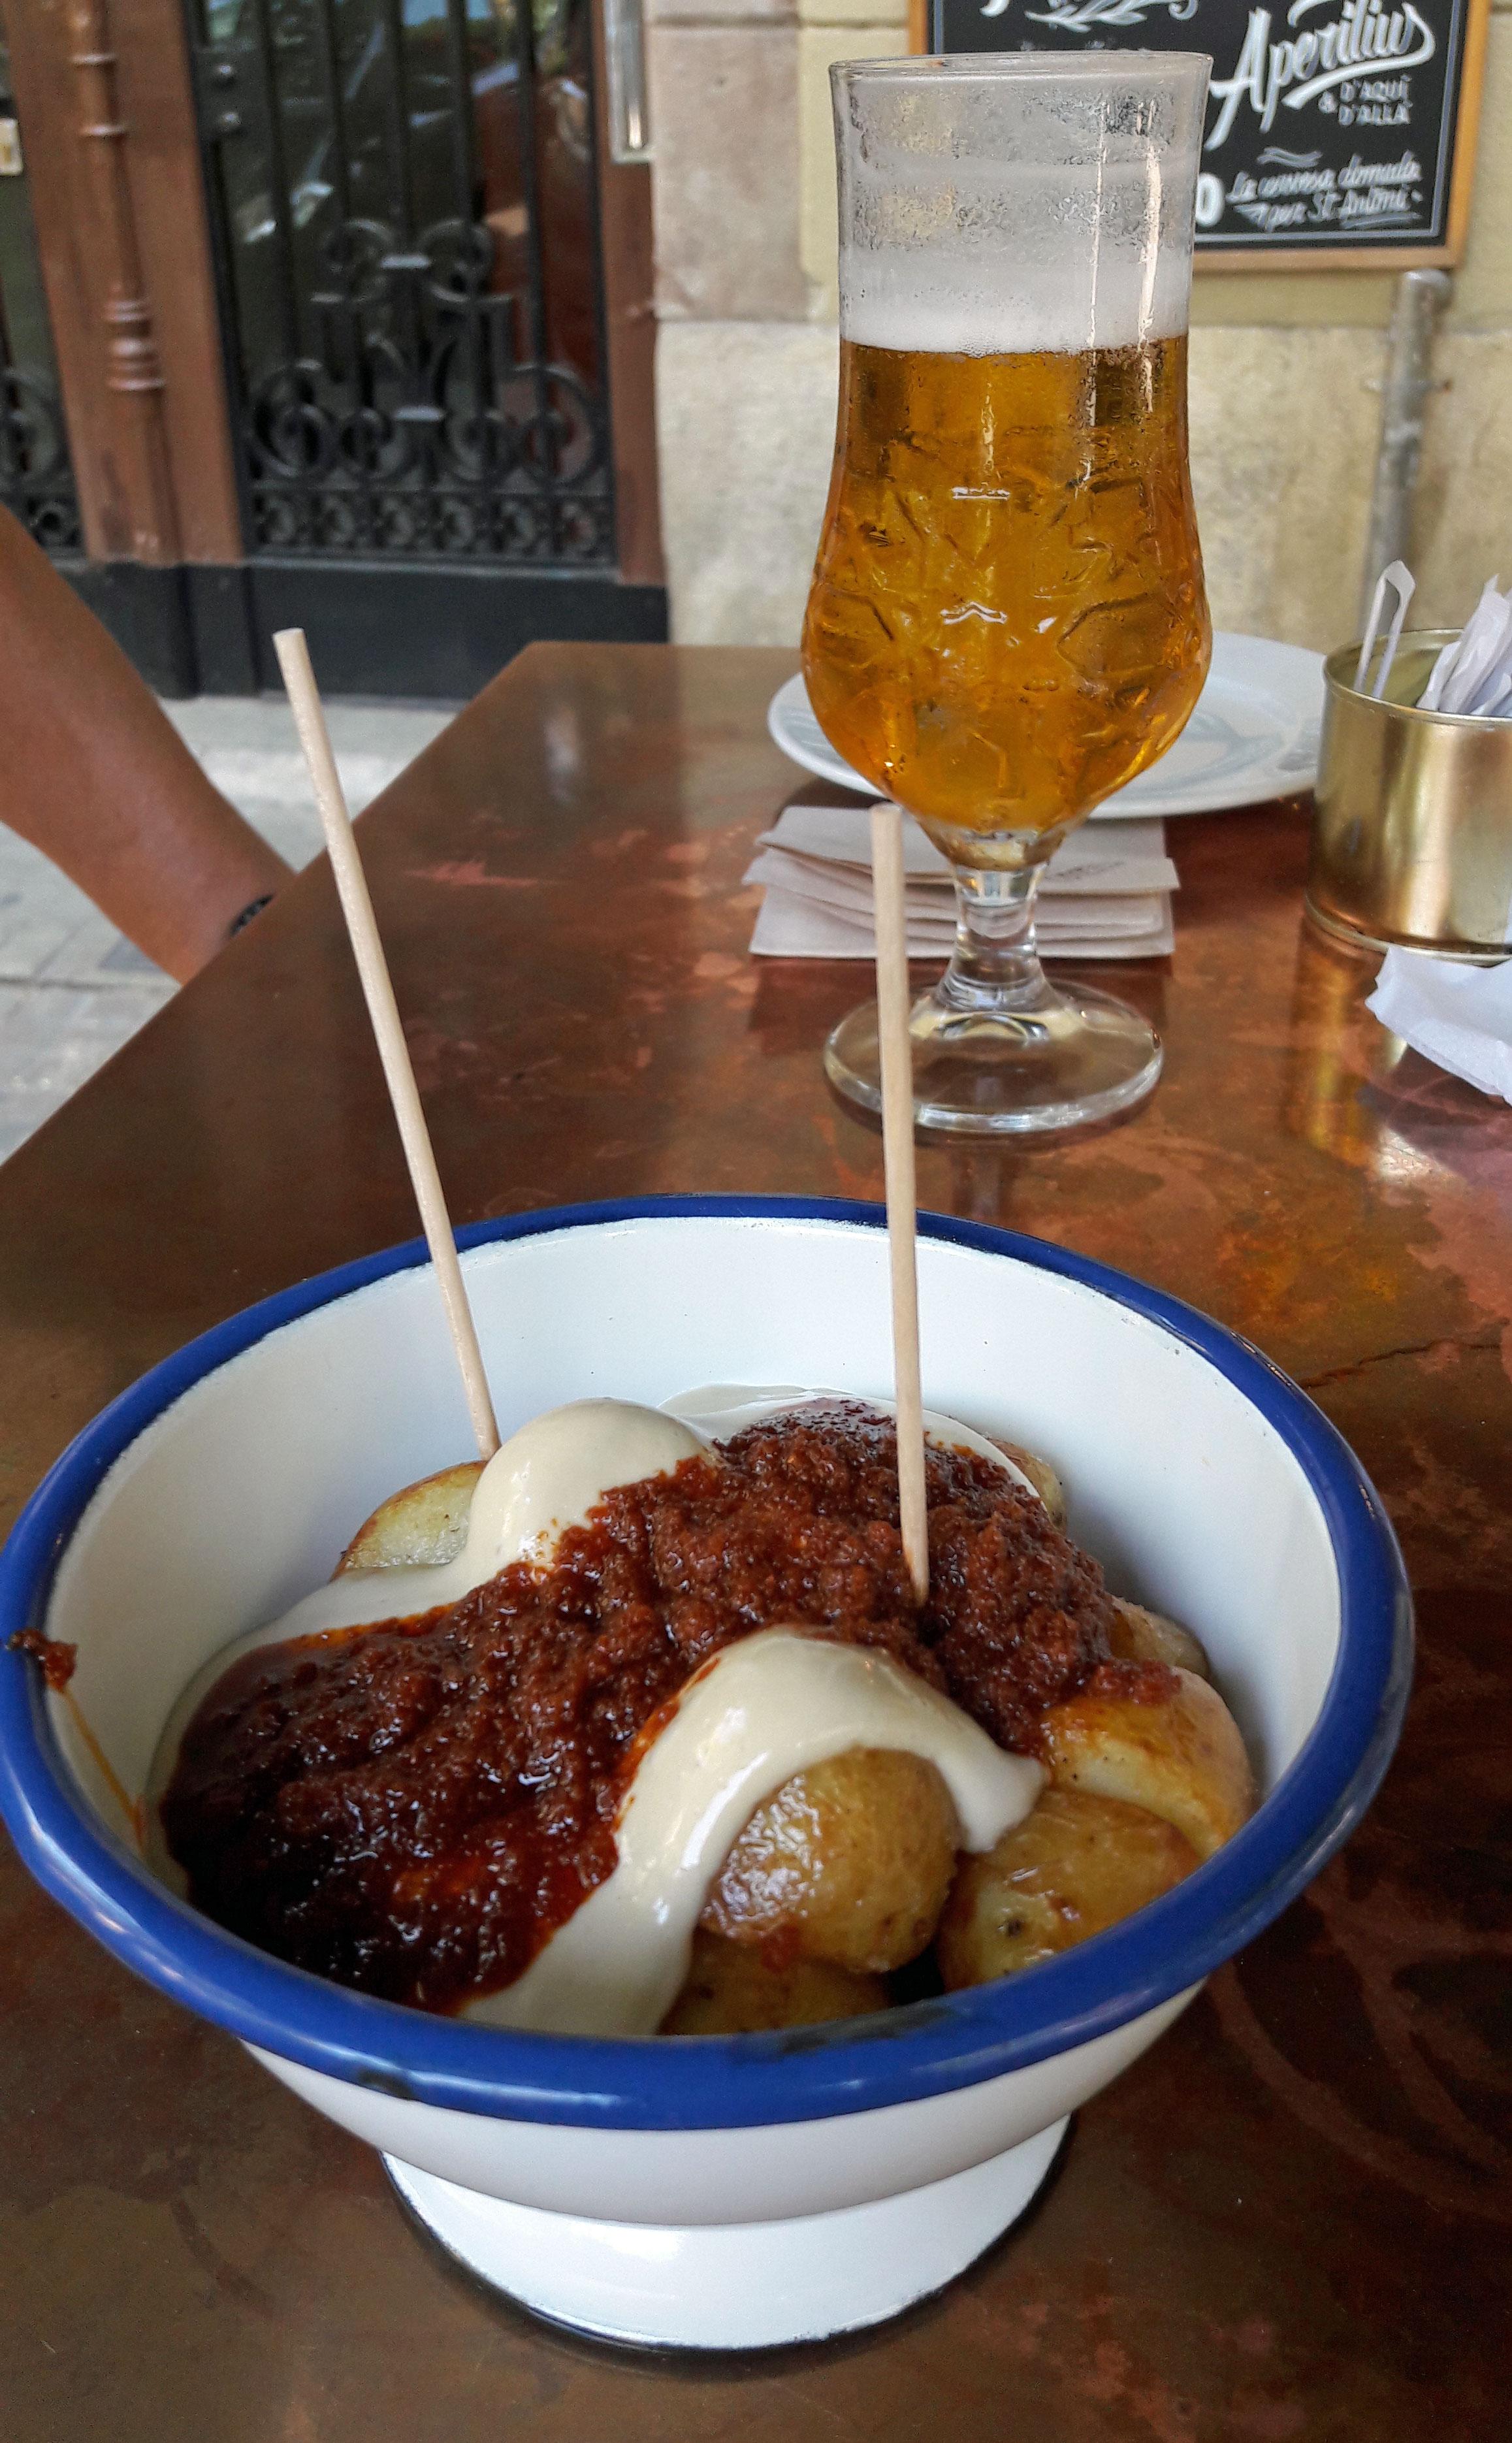 Restaurante en Barcelona Patatas bravas